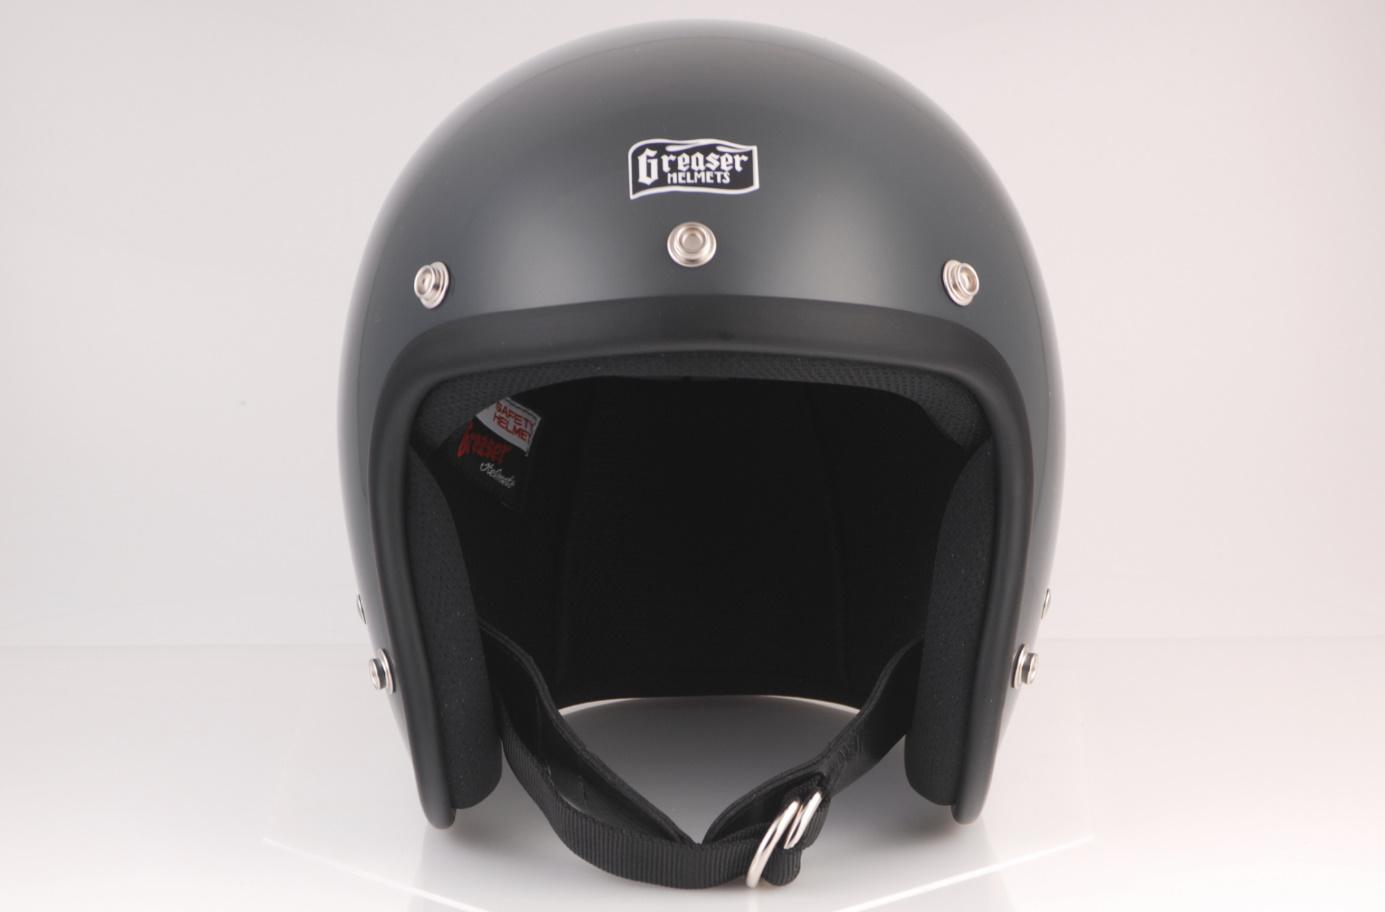 GREASER 60's PLAIN ジェットヘルメット ガンシップグレー S(55cm~56cm) GREASER(グリーサー)